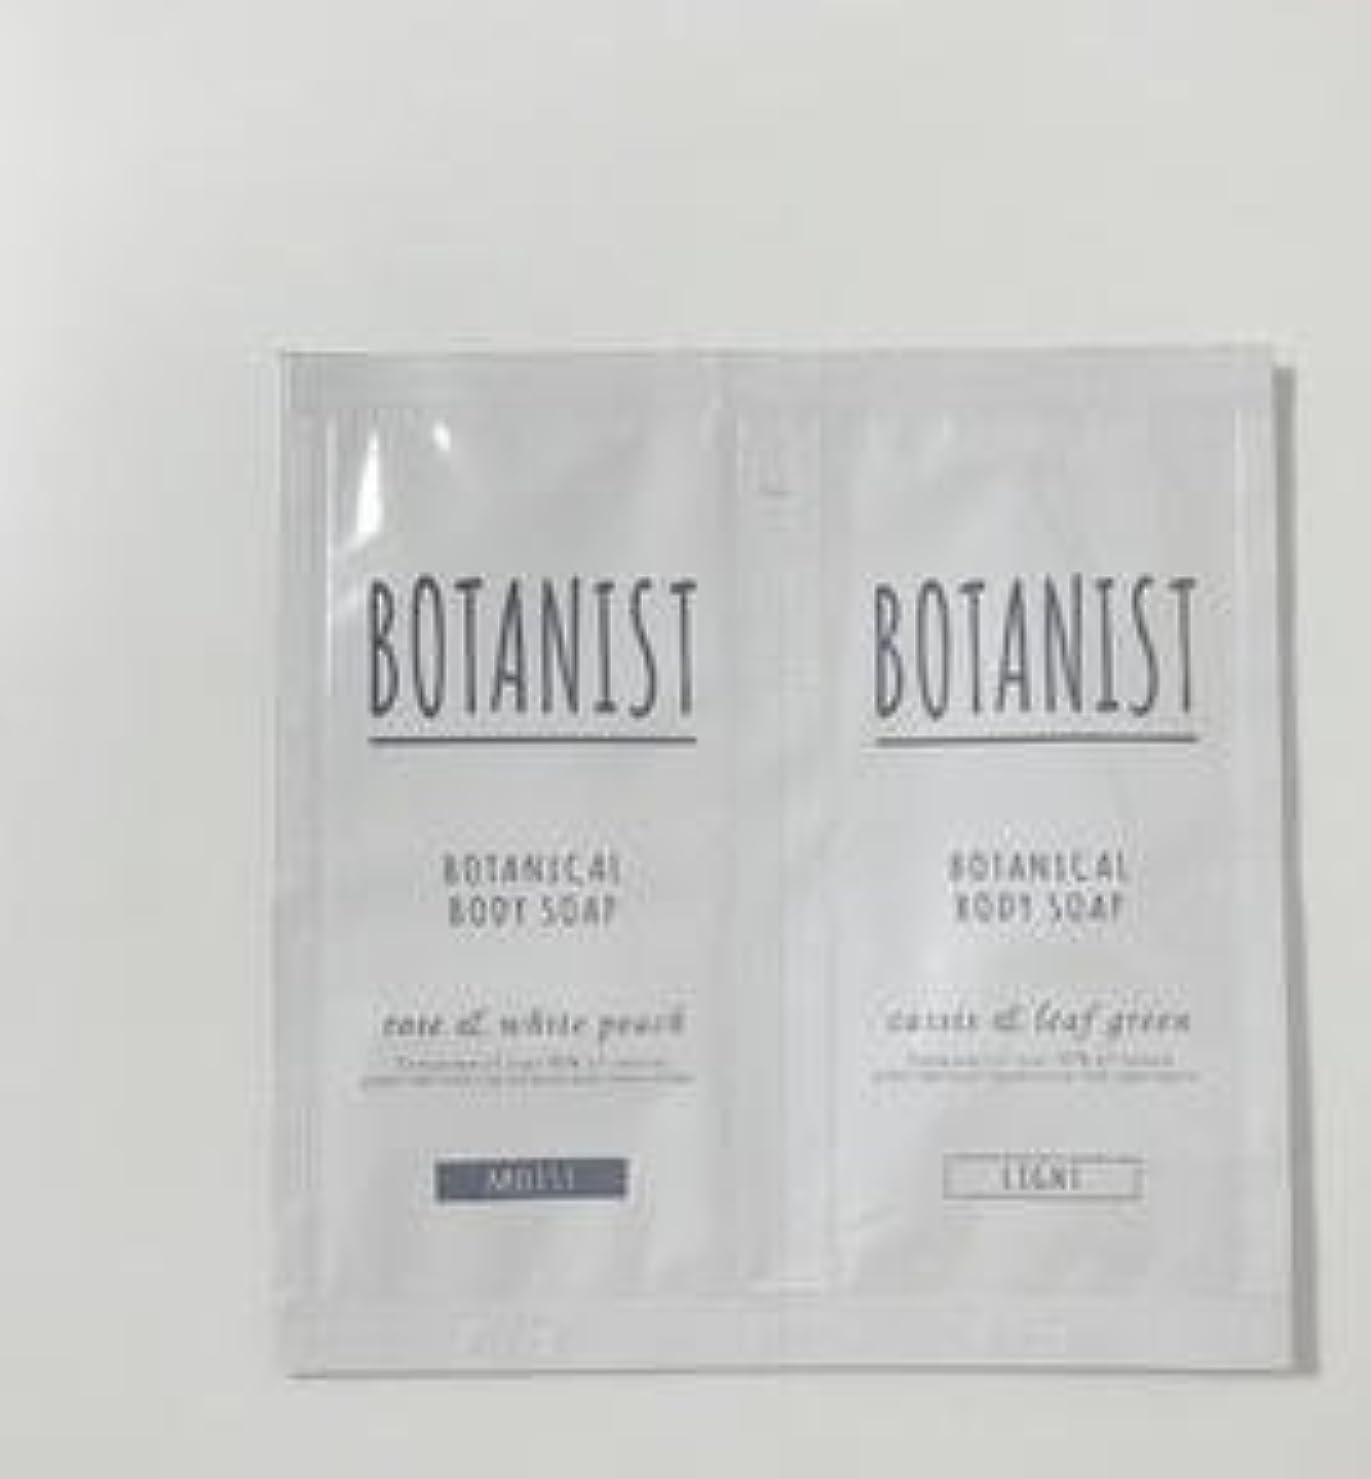 膜除去楽なBOTANIST ボタニカル ボディーソープ ライト&モイスト トライアルセット 8ml×2 (ライト&モイスト, 1個)